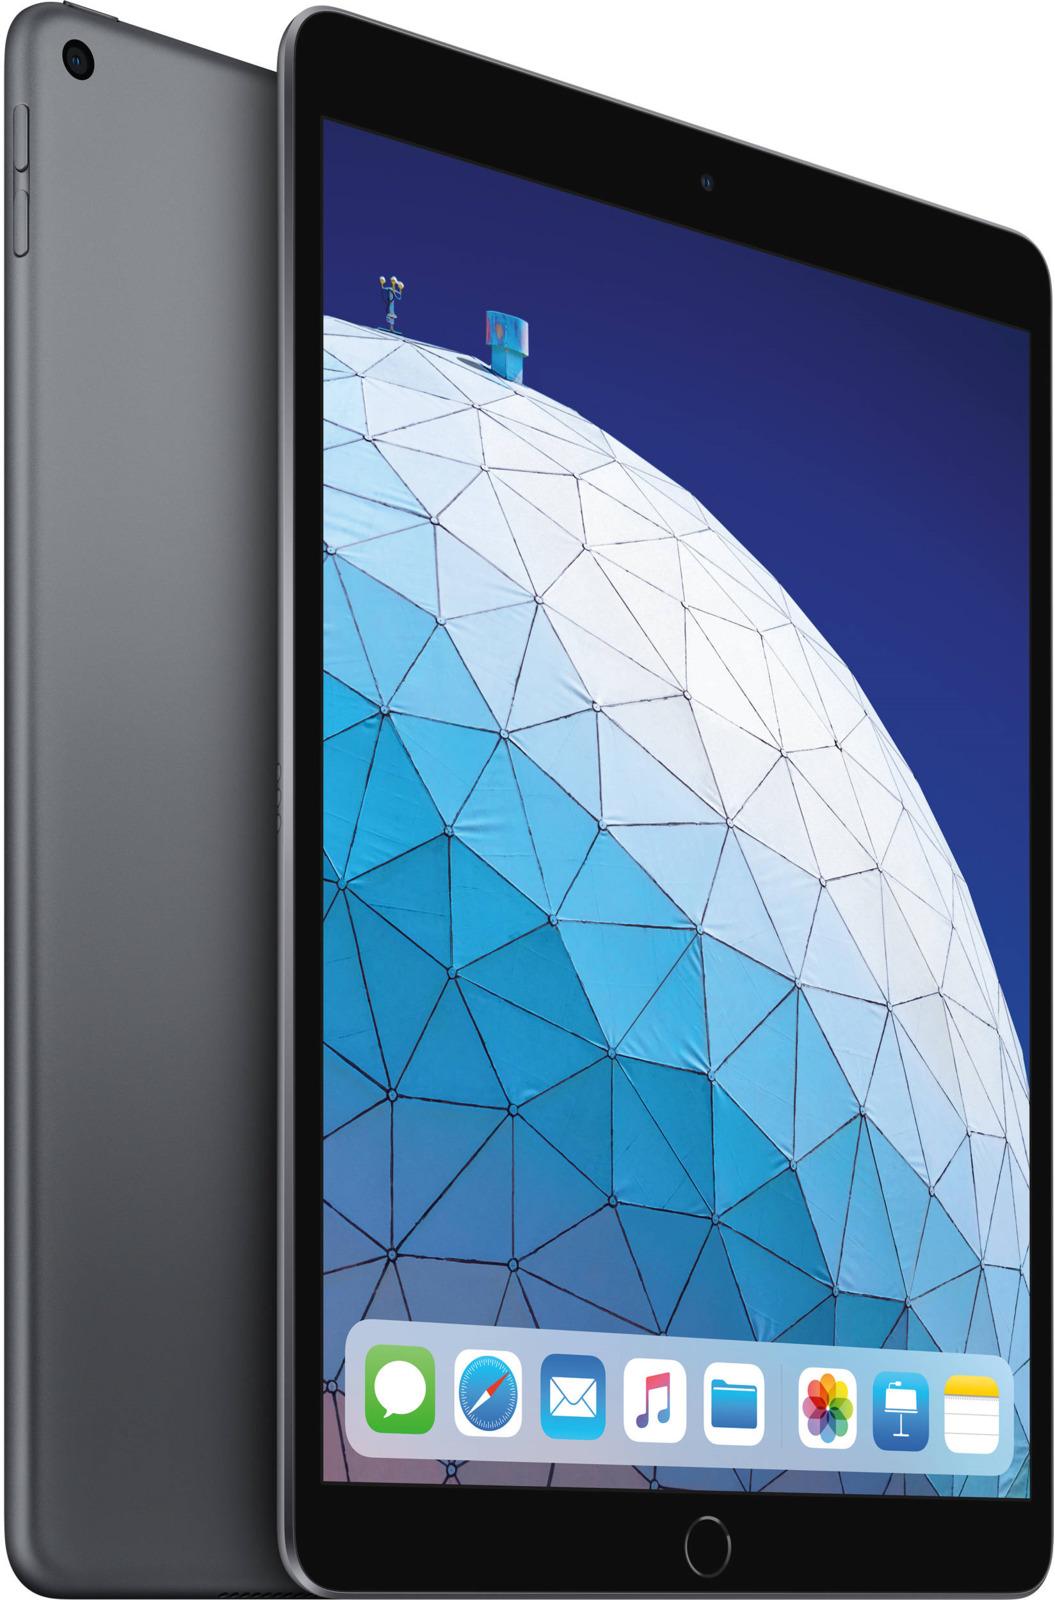 Планшет Apple iPadAir 10.5 Wi-Fi (2019), 256 ГБ, серый космос bluetooth wireless 64 key keyboard w stand for ipad air air 2 ipad 1 2 silver